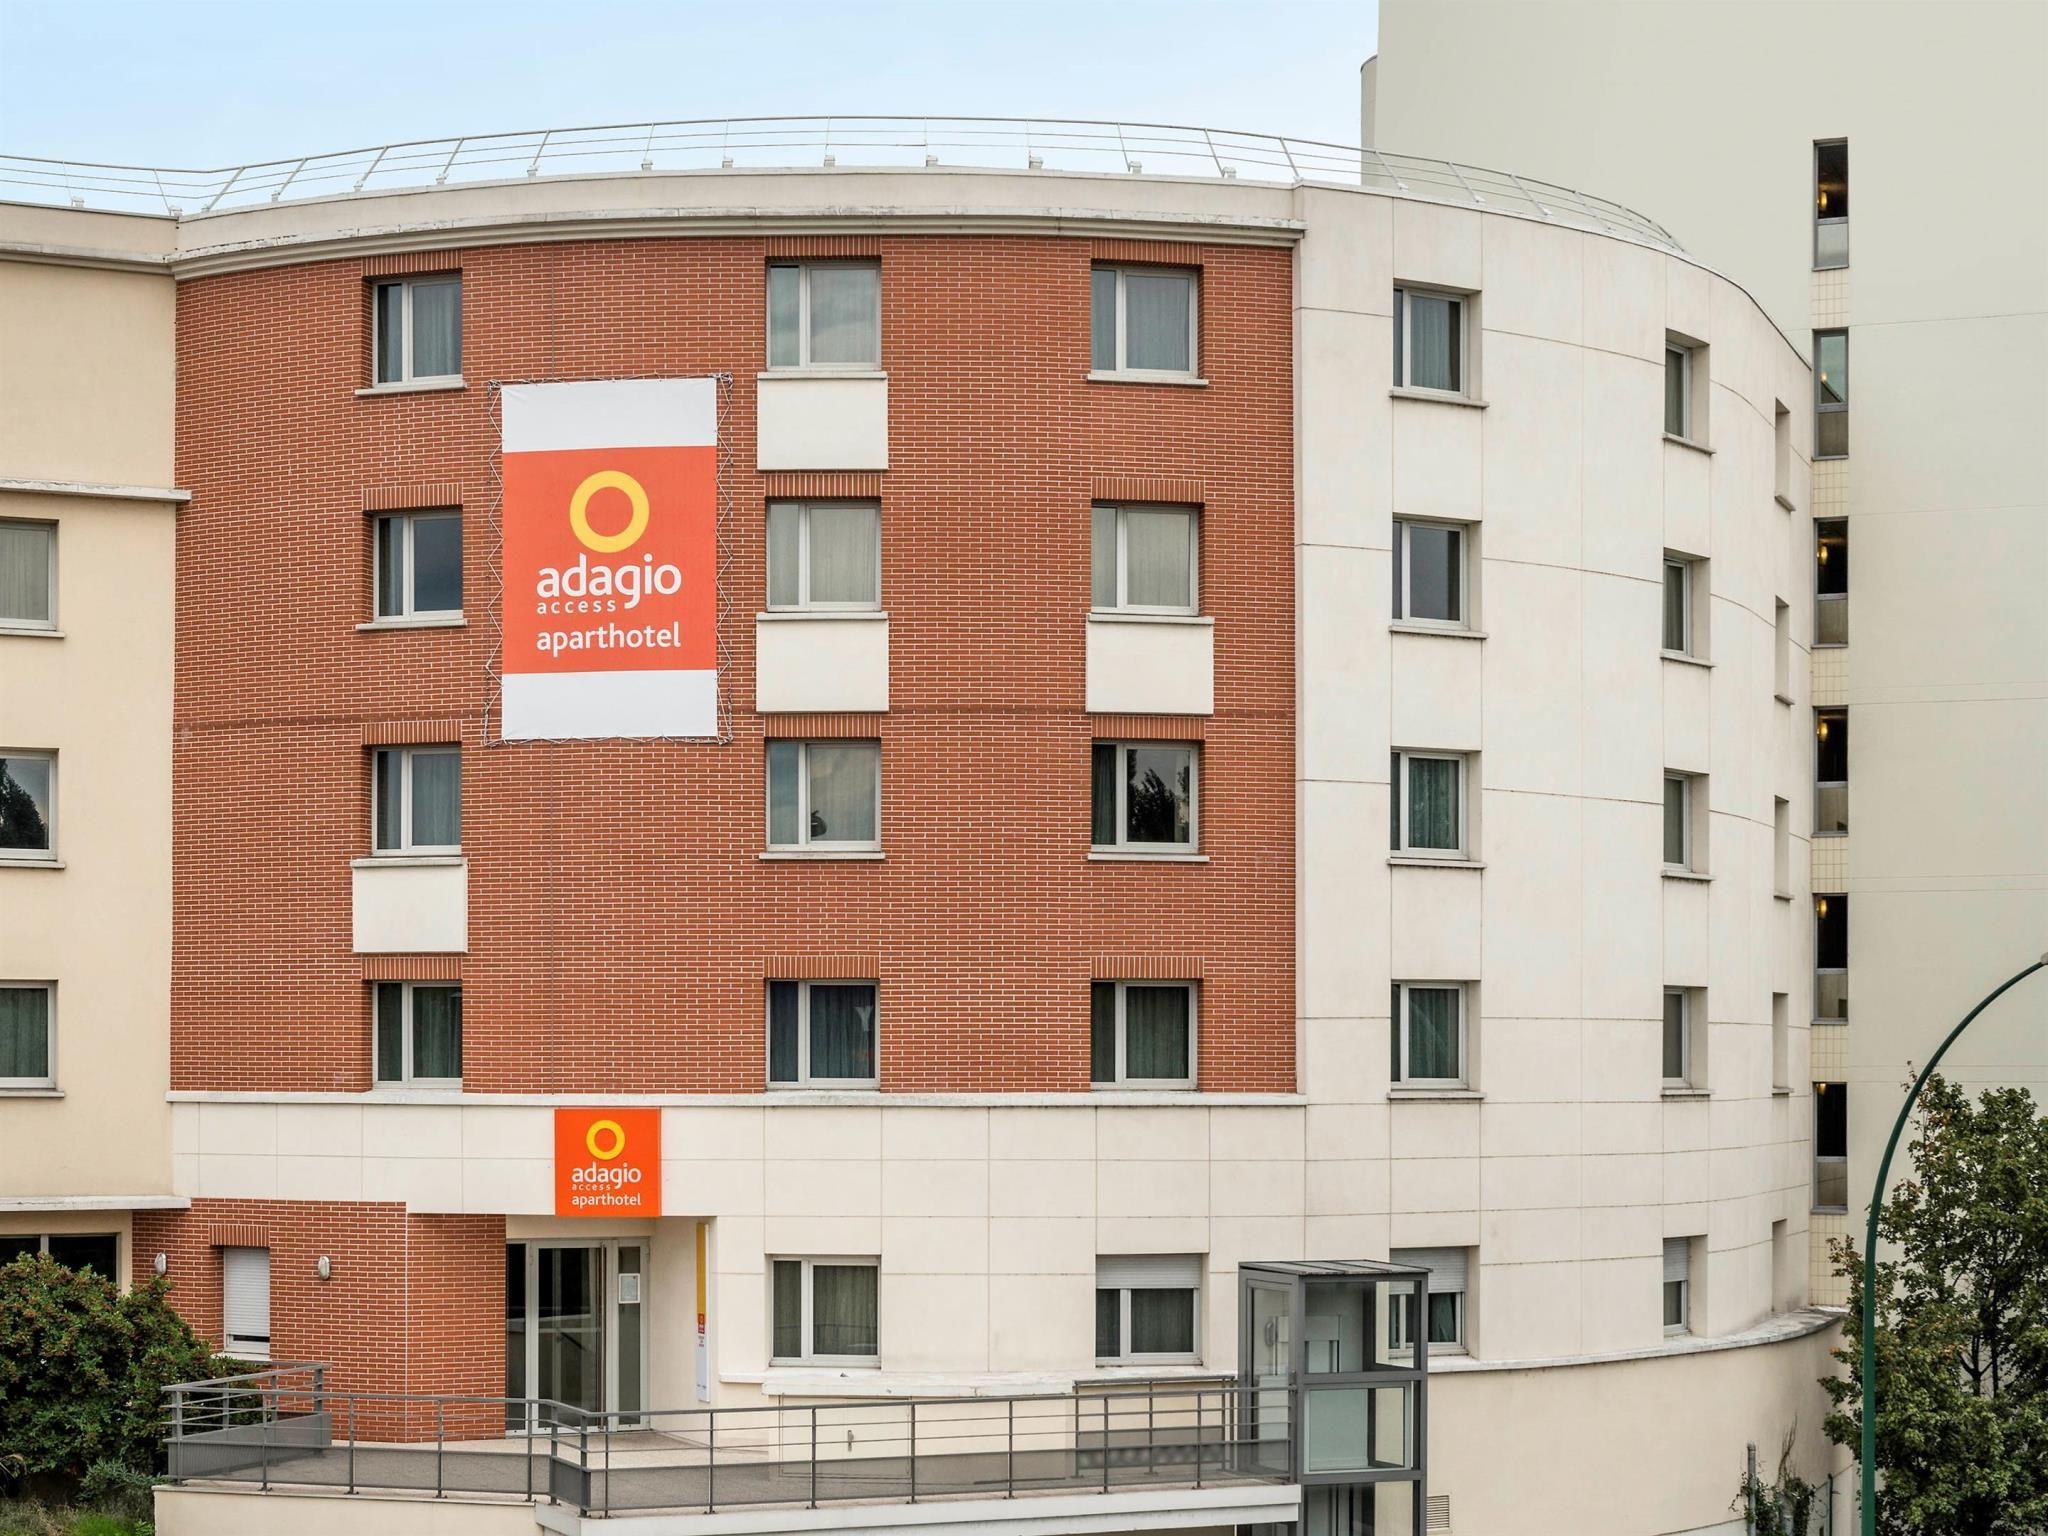 Appartement de 25 m² avec wi-fi